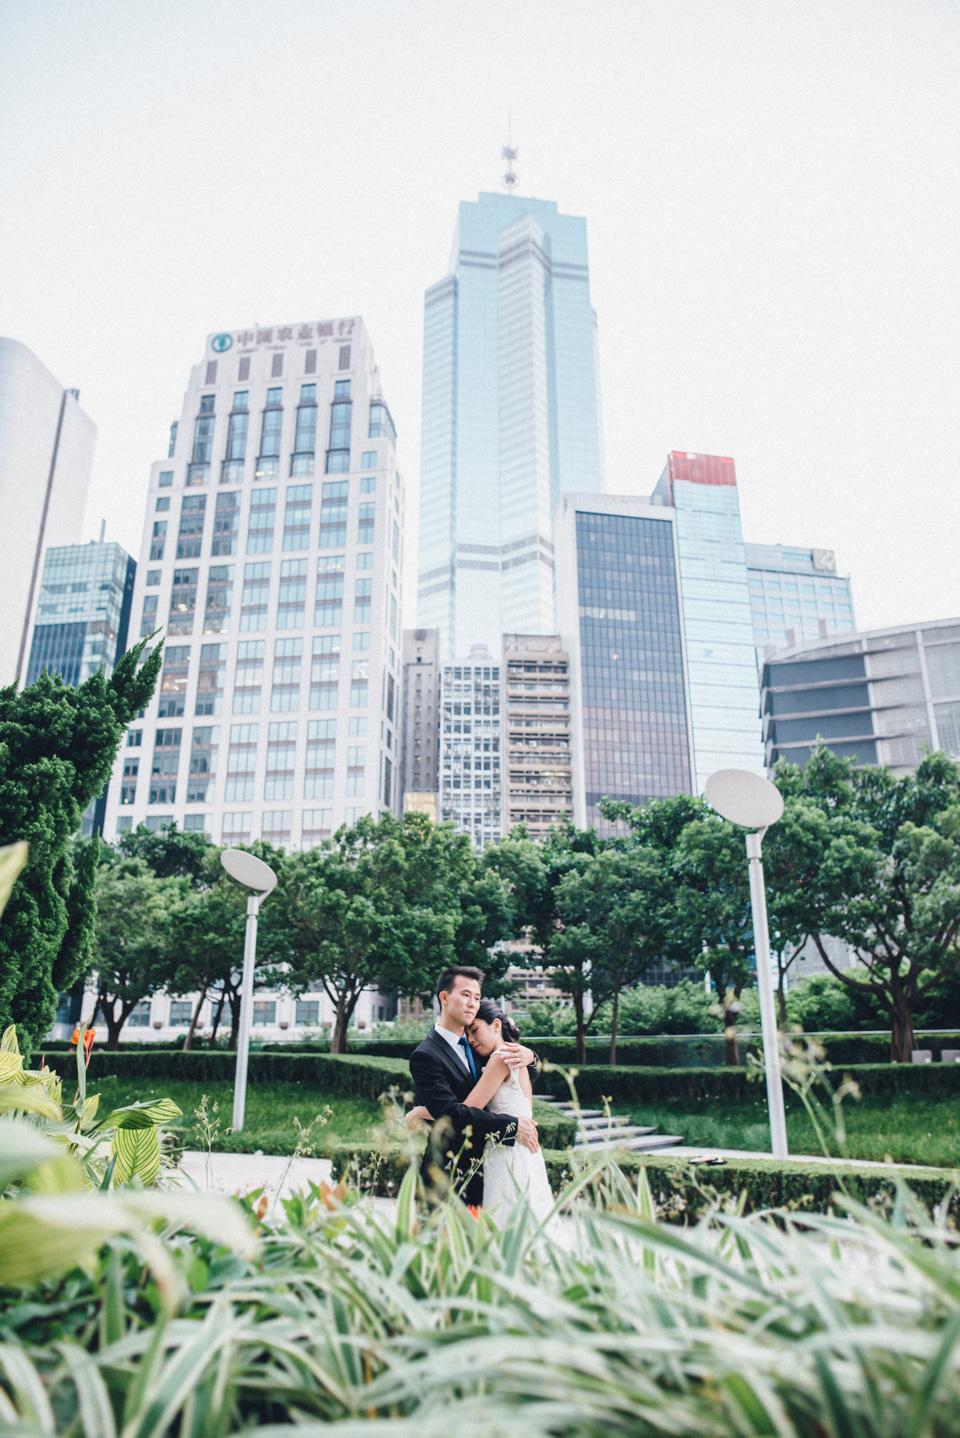 HONGKONG-WEDDING-4 Kristy & Sam HongKong Wedding Four Saison HKHONGKONG WEDDING 4